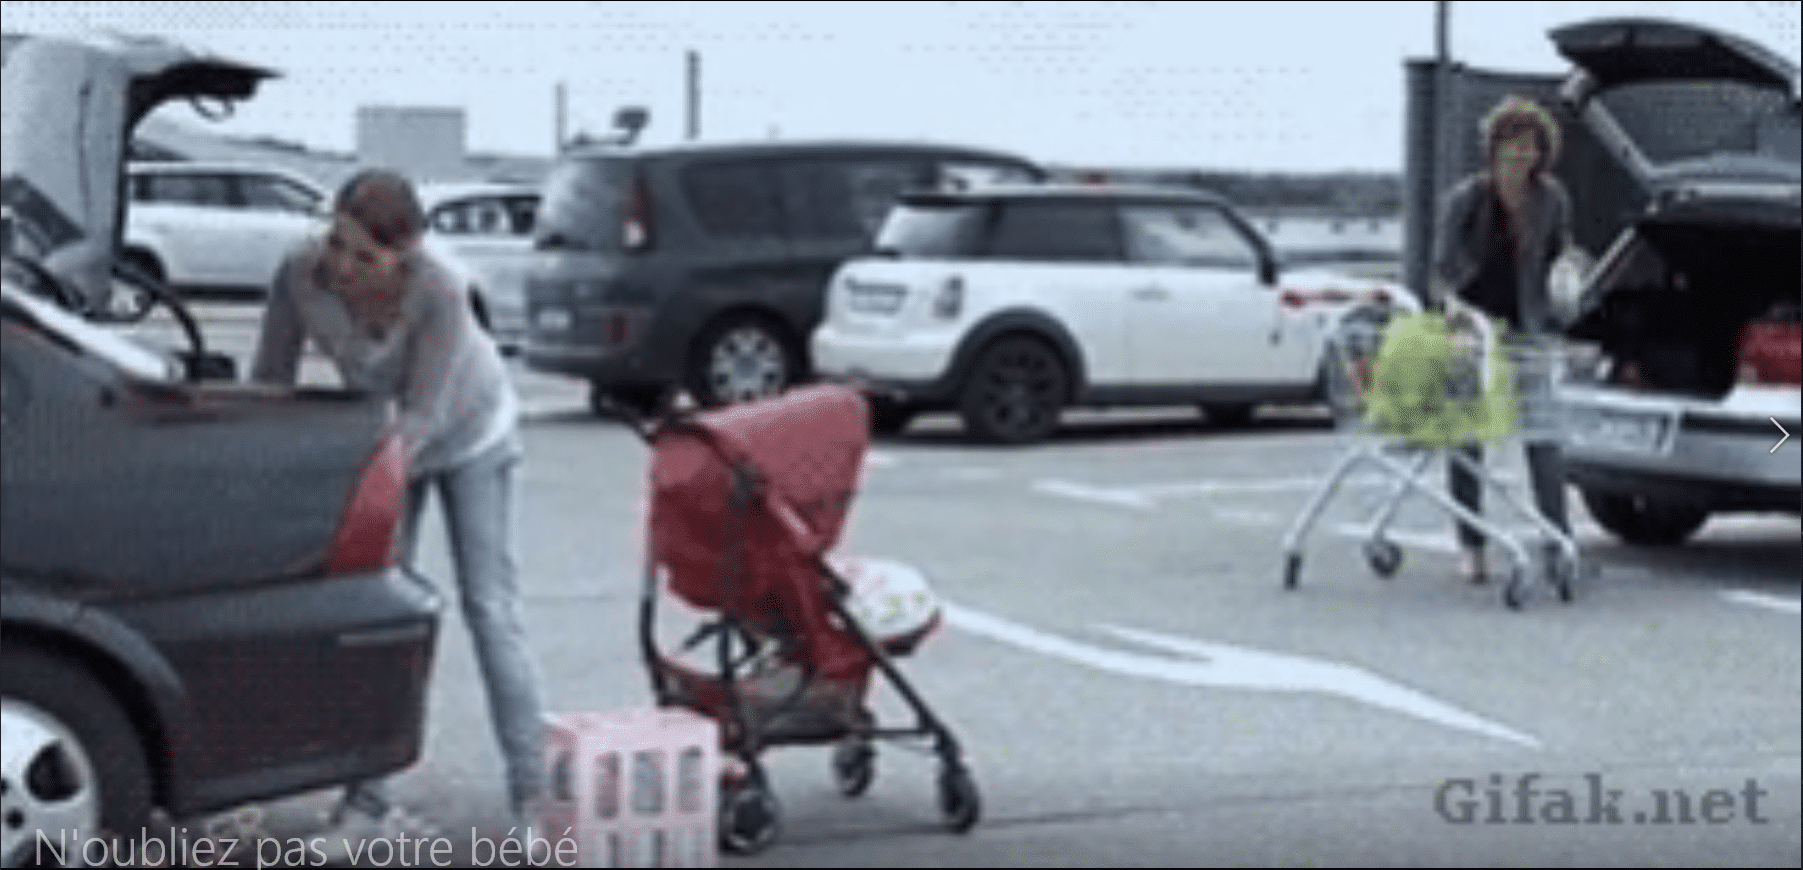 N'oubliez pas votre bébé